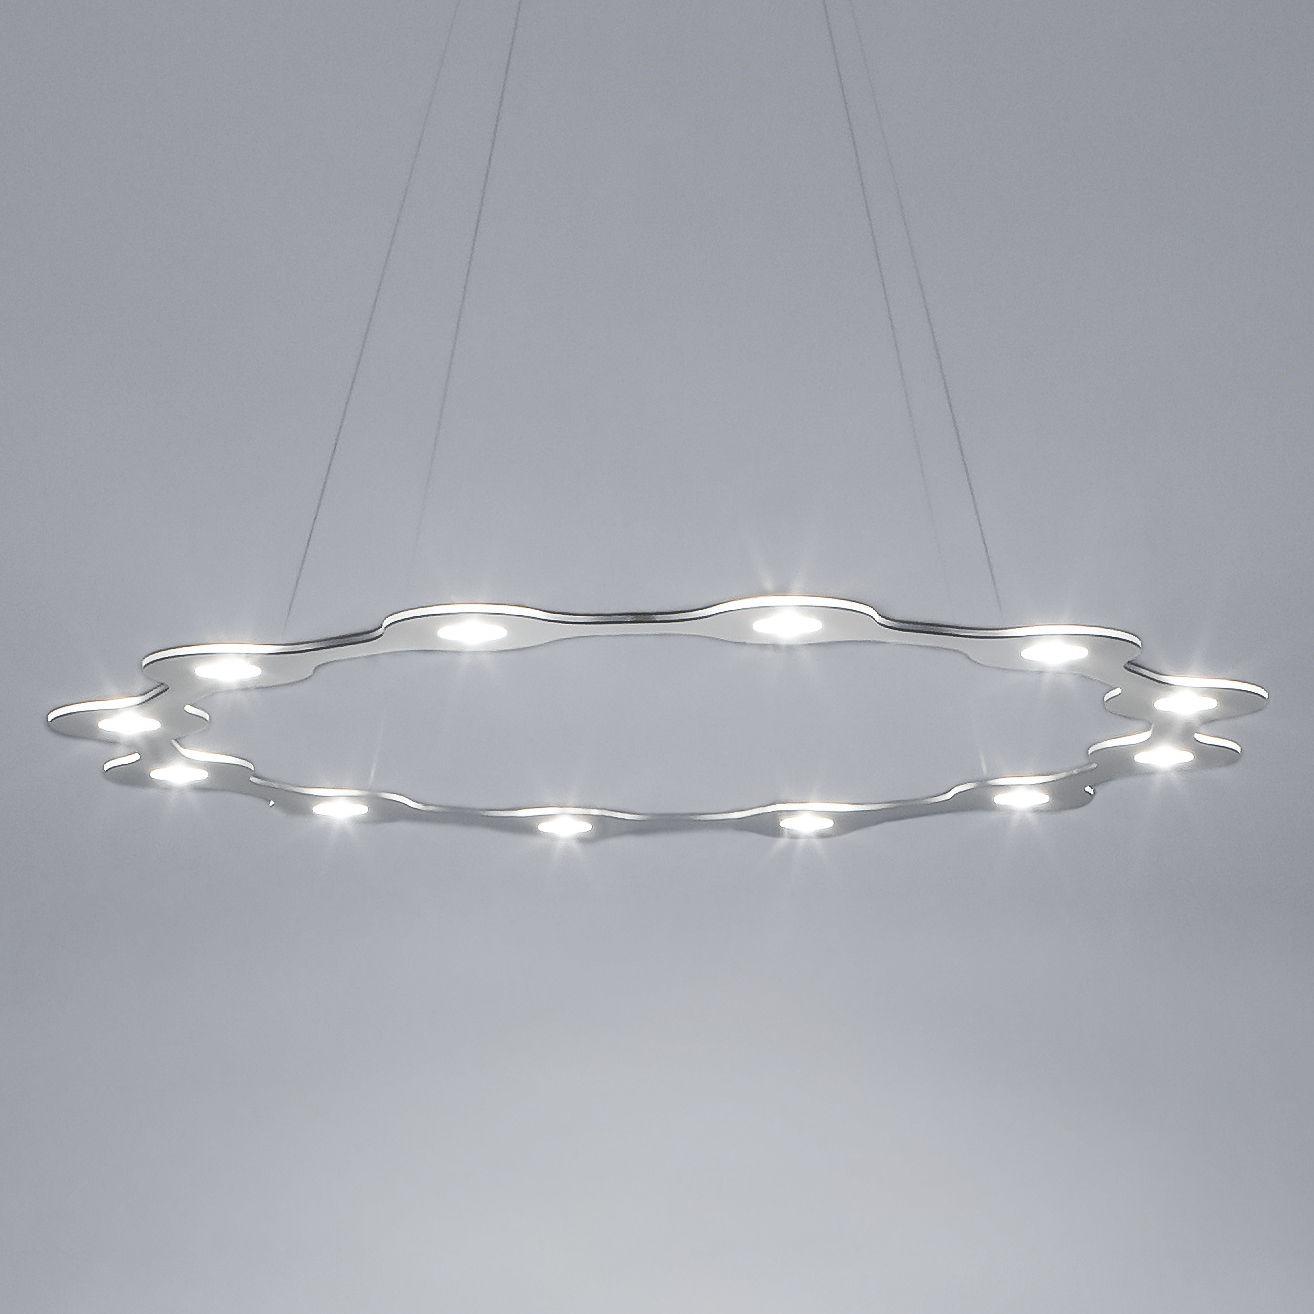 Luminaire - Suspensions - Suspension Flat Ring 12 / LED - Large Ø 98 cm - Lumen Center Italia - Aluminium - Aluminium anodisé